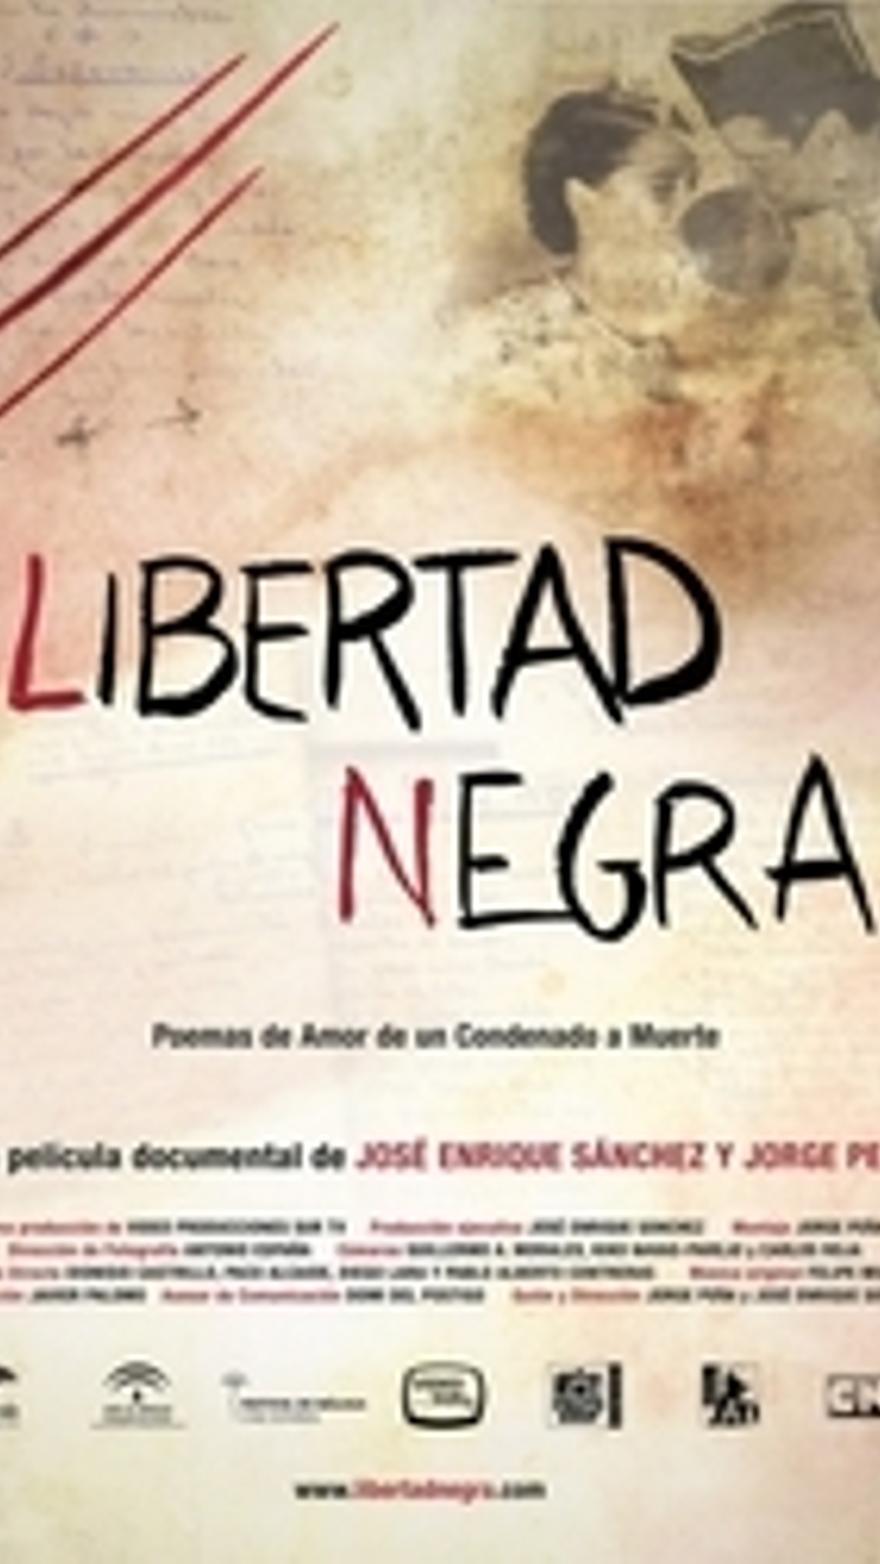 Libertad negra